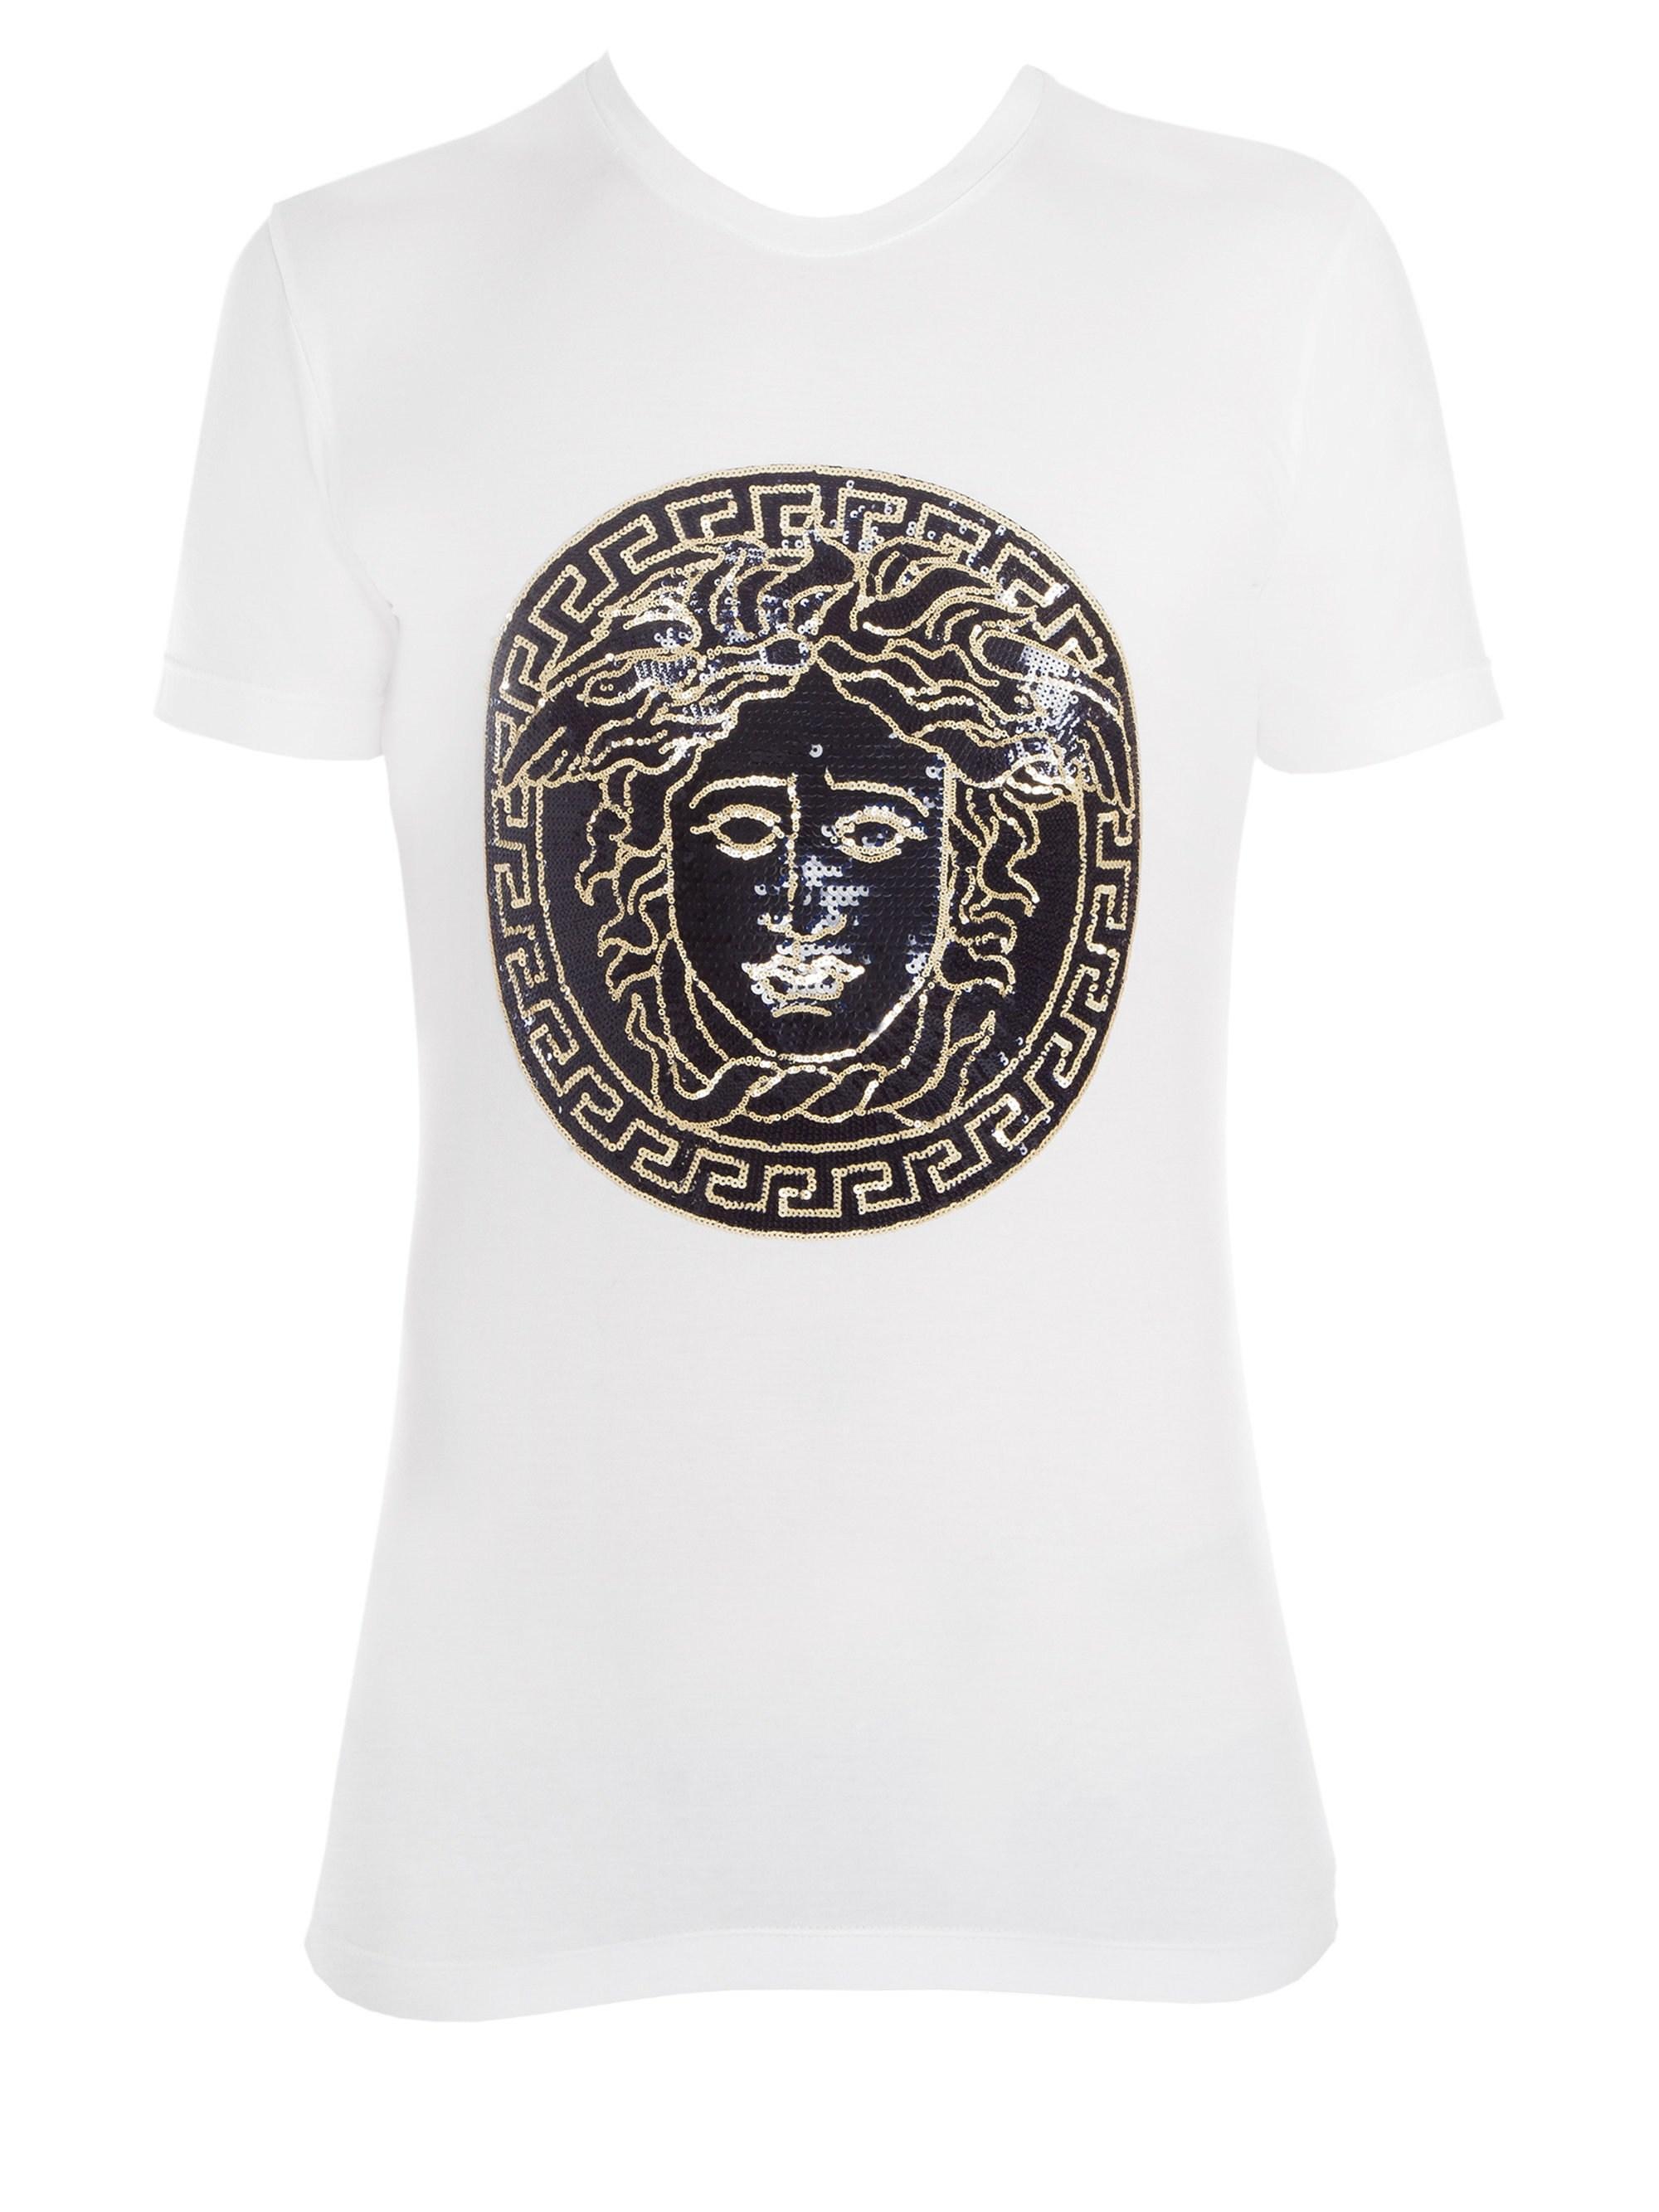 c198740177a5d3 Versace Full Medusa Embellished T-shirt in White for Men - Lyst